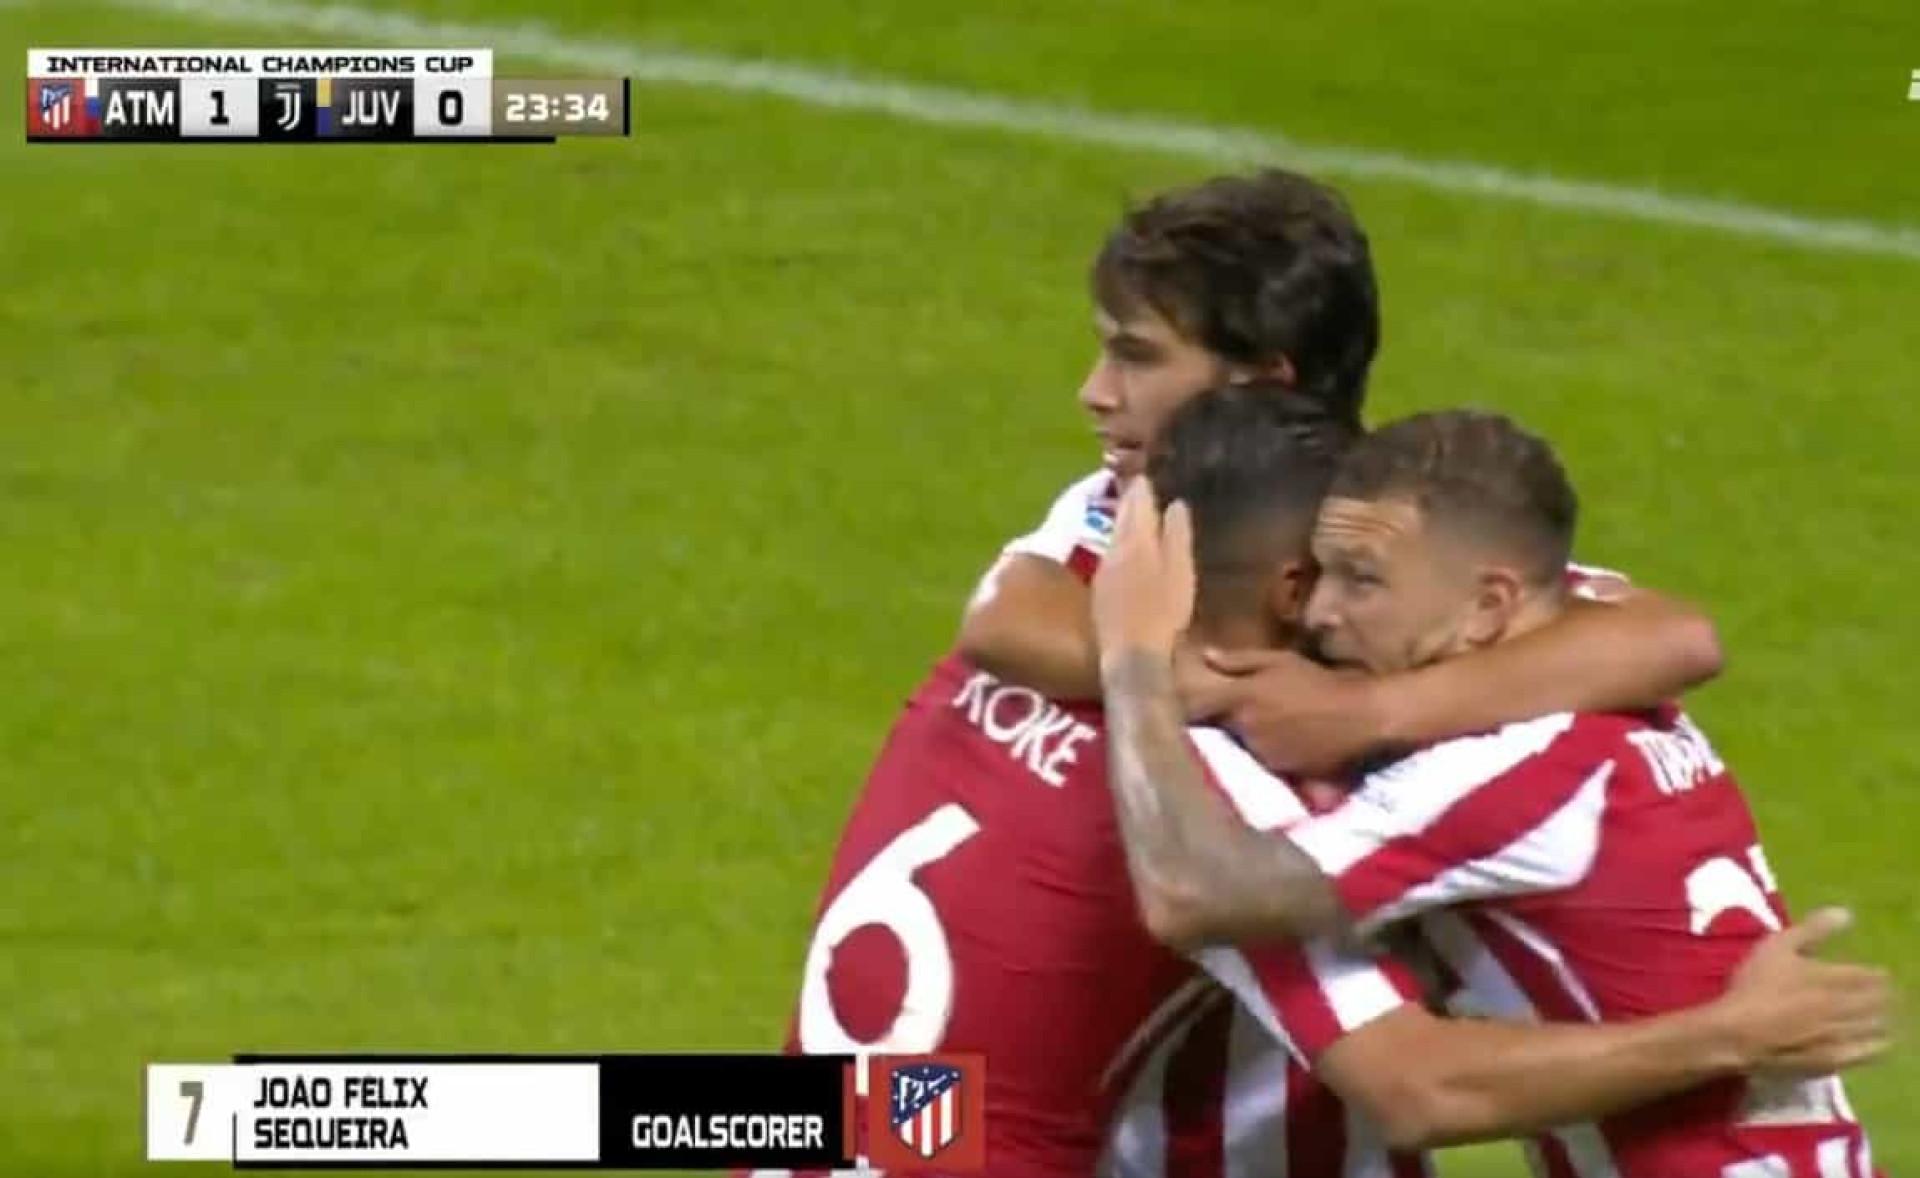 No Juventus-Atlético, o primeiro marcar (um golaço) foi... João Félix